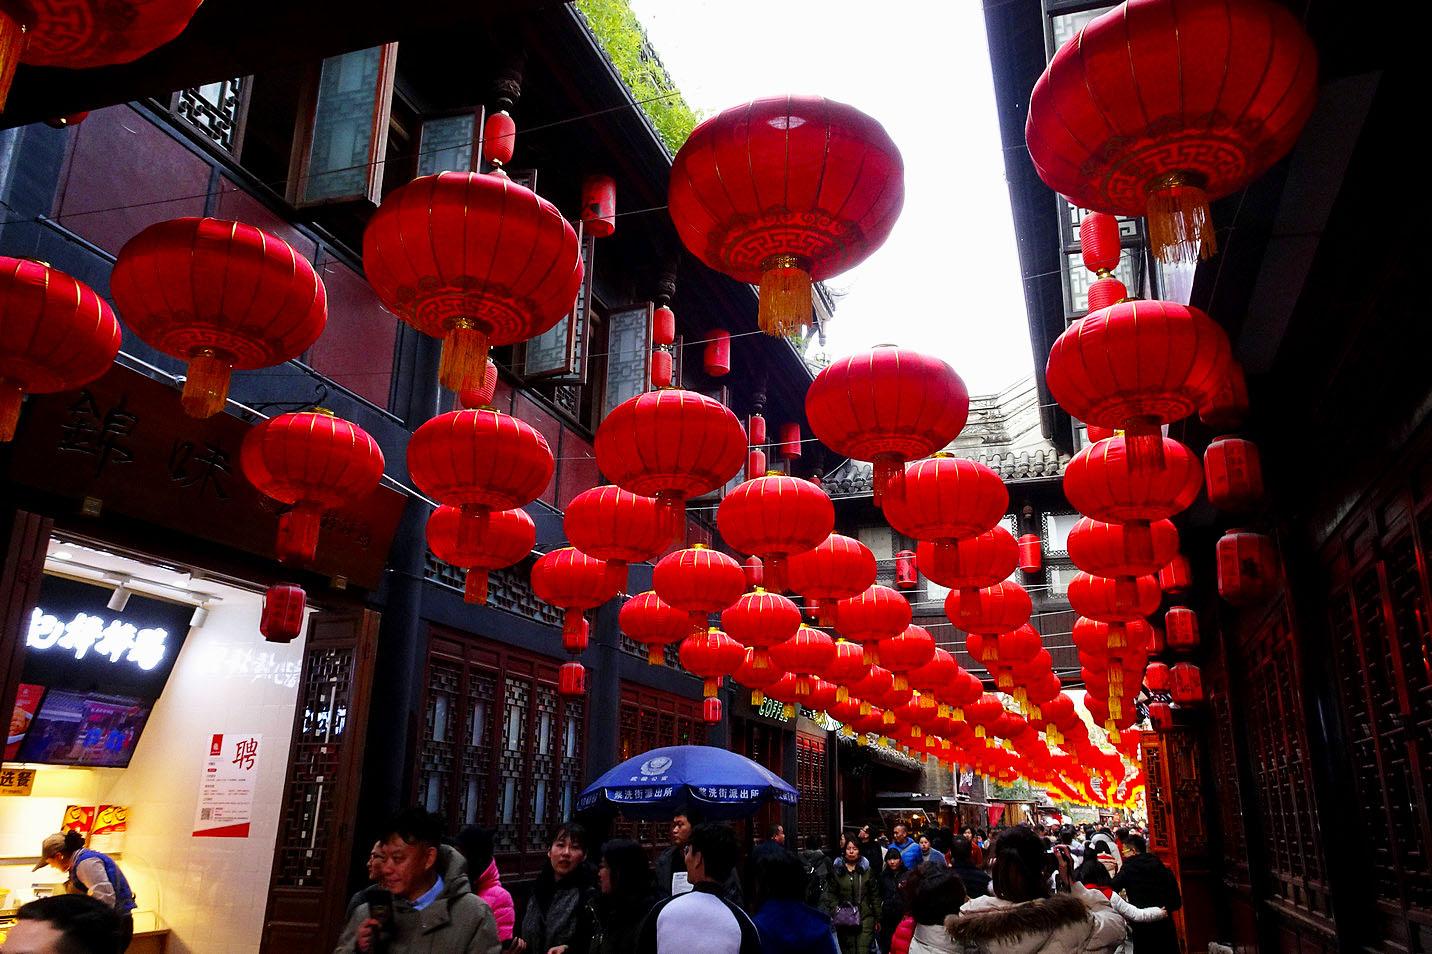 """""""腊八节""""一过,中国的农历猪年就要快要到来啦!看锦里张灯结彩,红红的灯笼,浓浓的年味,喜气的人们,迎 ..."""